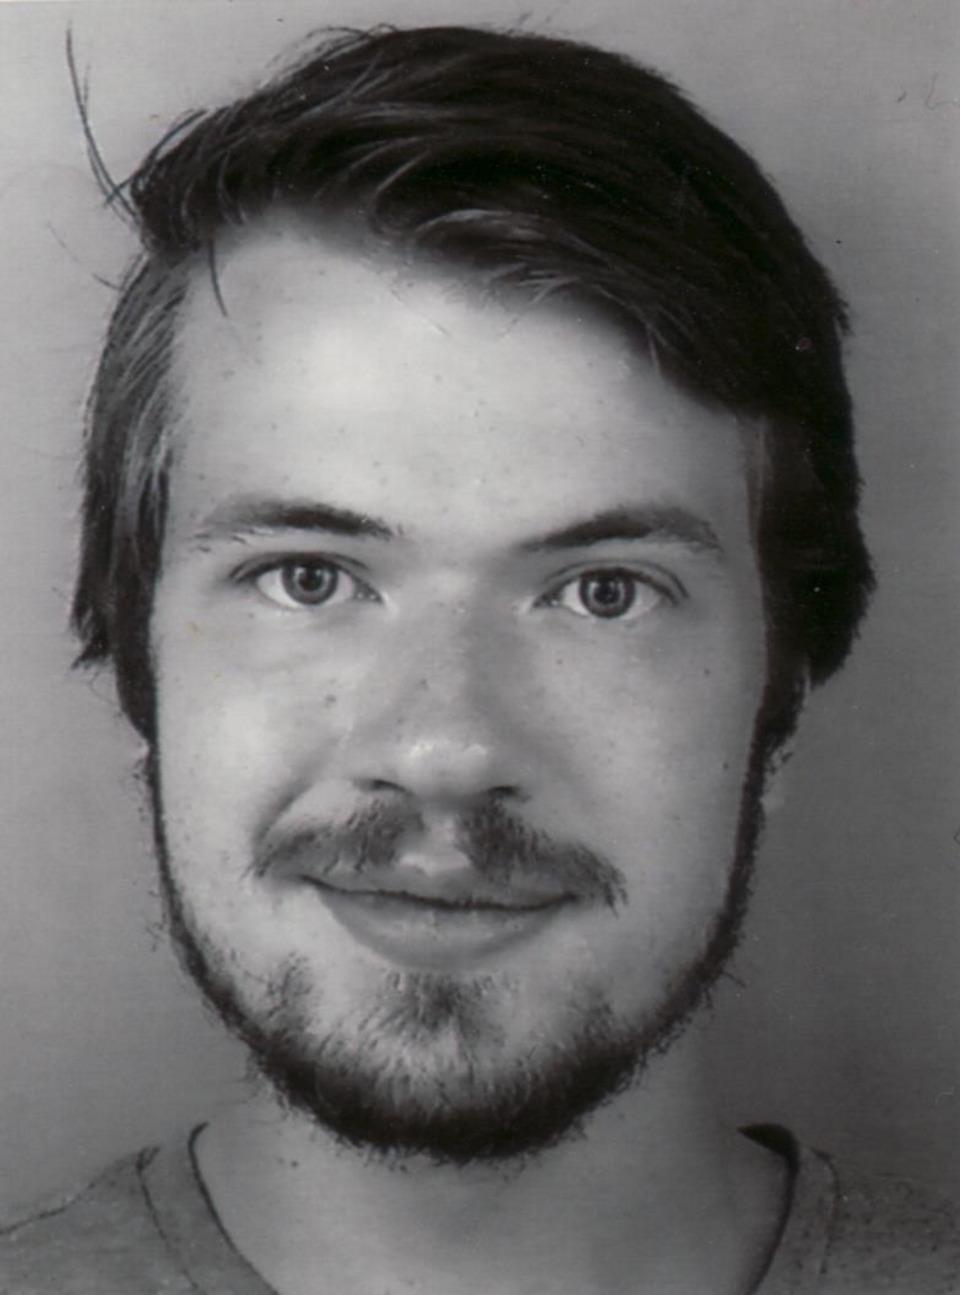 Maximilian Sirtl